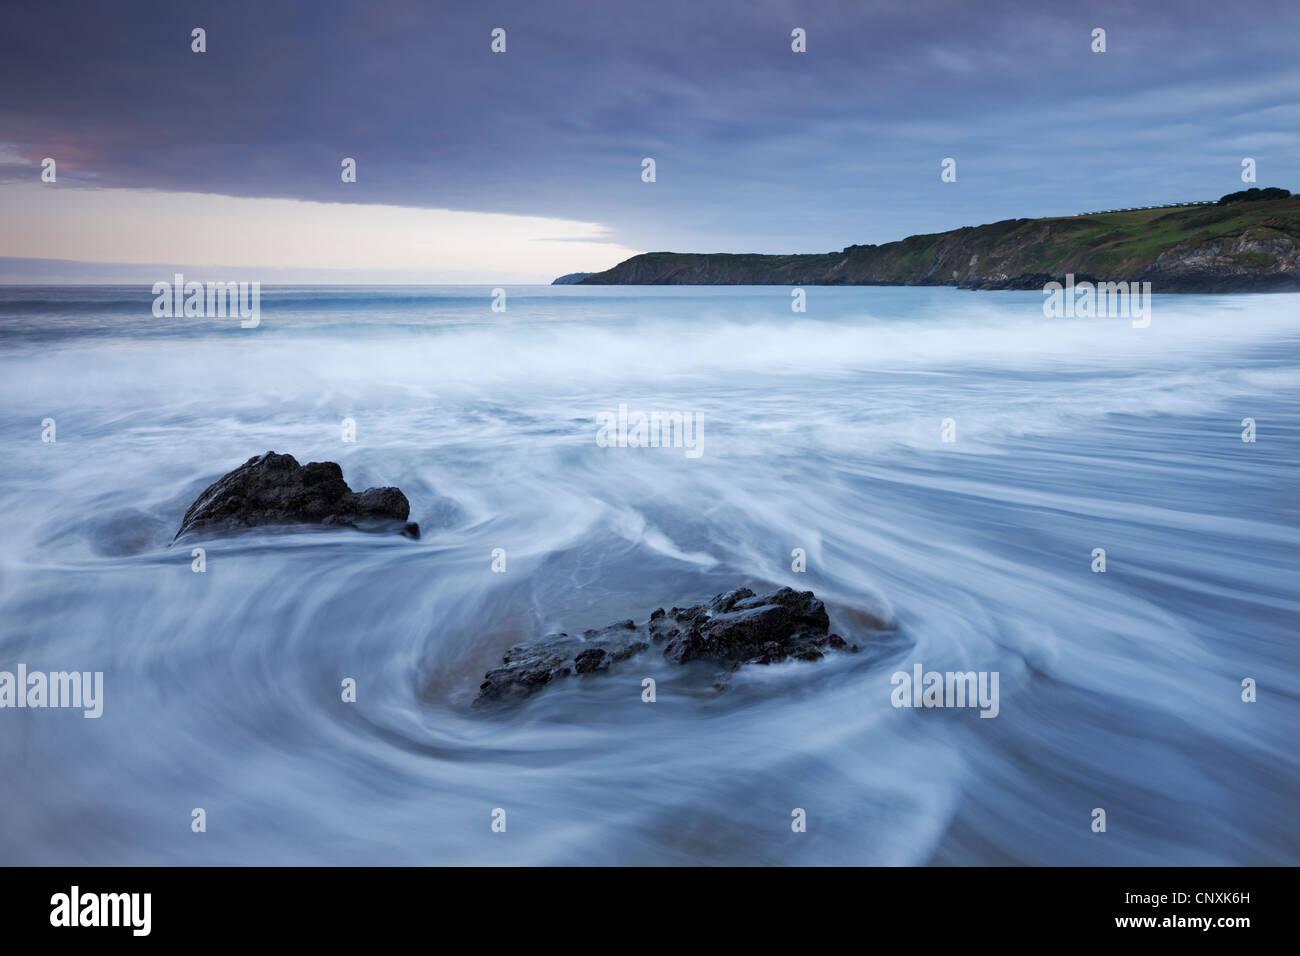 Wellen stürzen auf den Strand von Kennack Sands, Halbinsel Lizard, Cornwall, England. Frühjahr (Mai) 2011. Stockbild